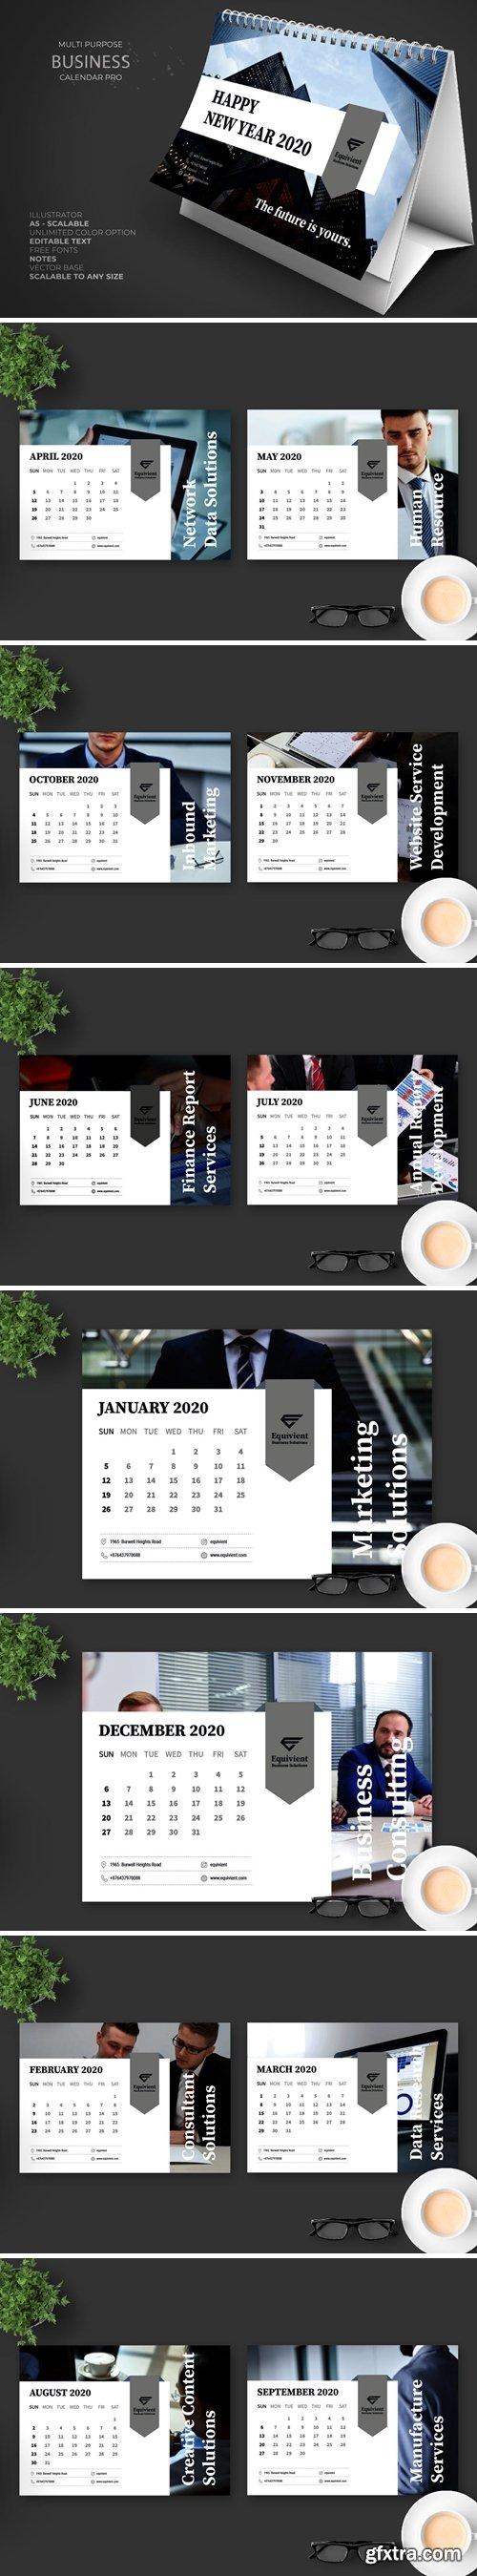 2020 Business Calendar Pro